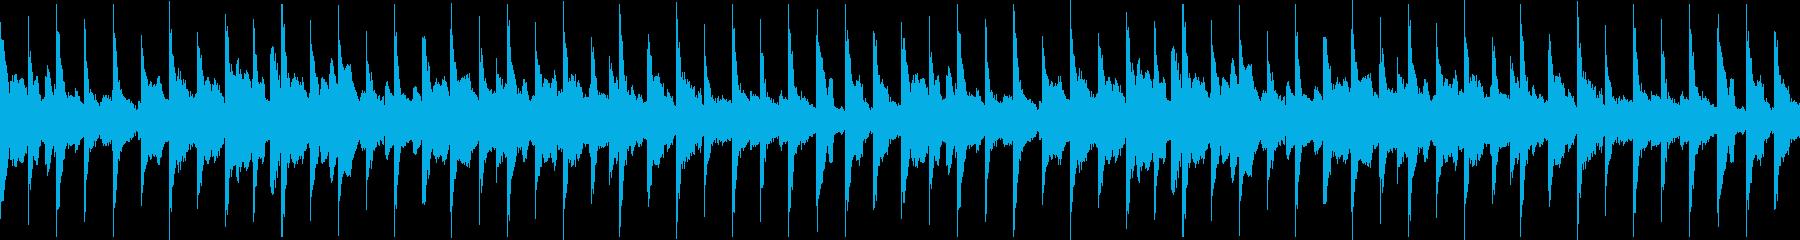 商品PVに適した ウクレレ曲【ループ】の再生済みの波形